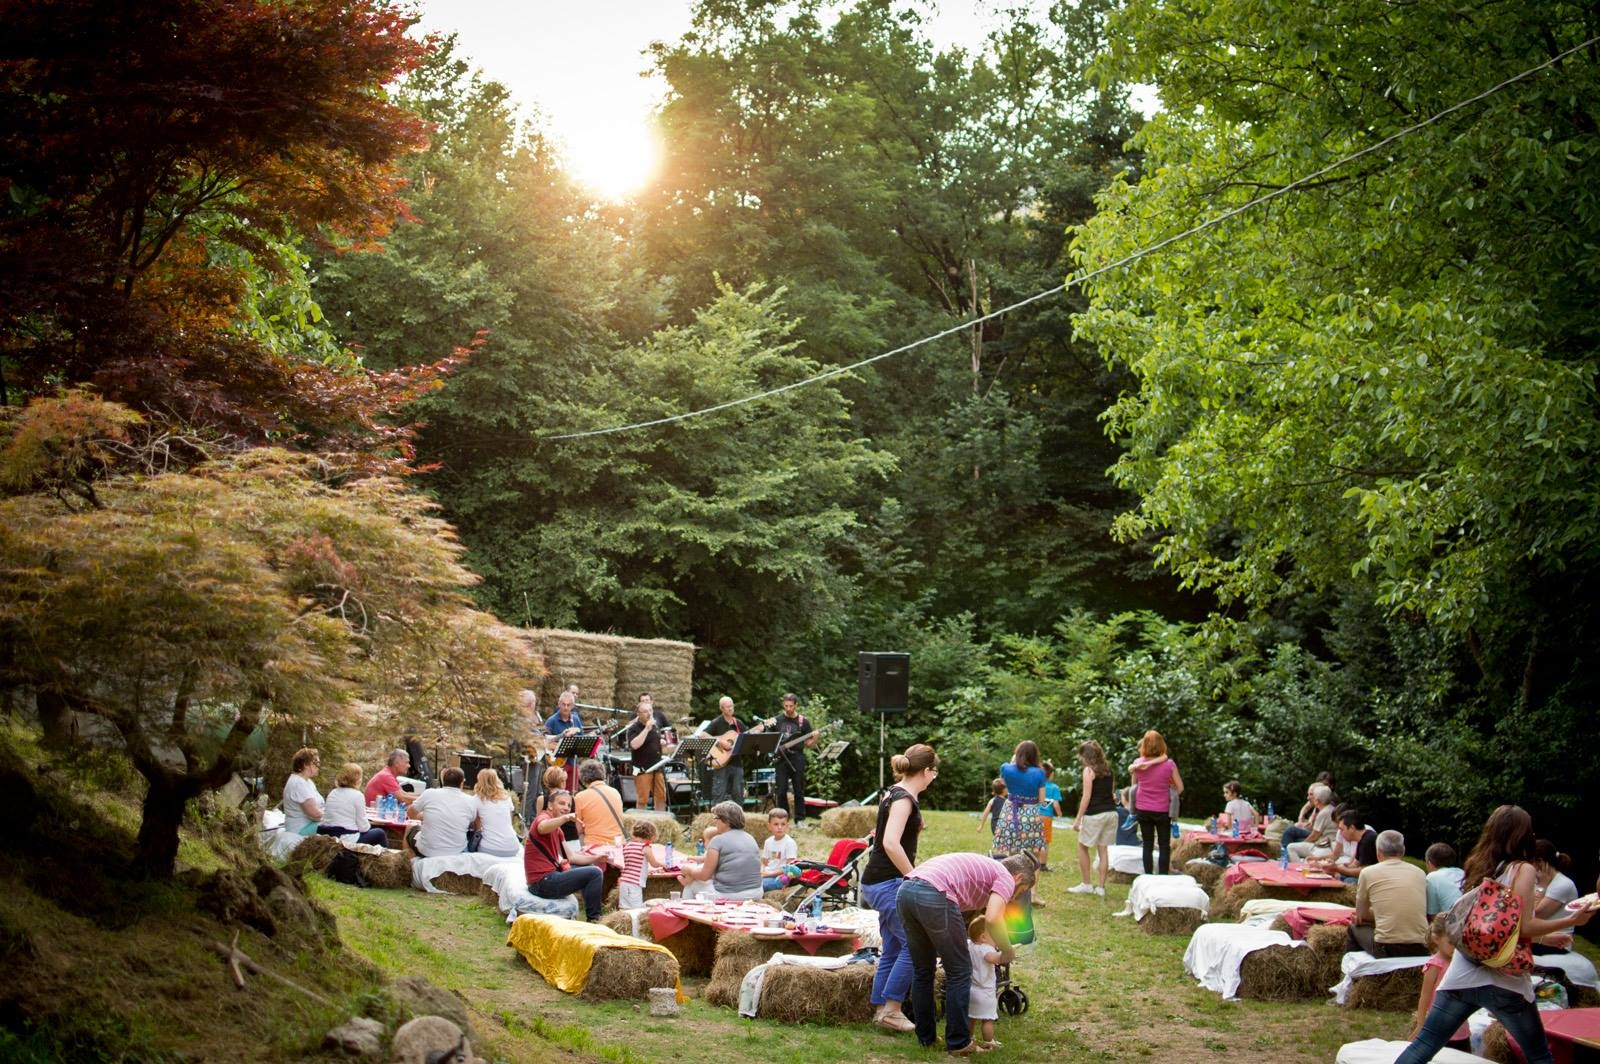 Eventi, feste e laboratori in azienda agricola biologica tra Lago di Garda e Lago d'Idro